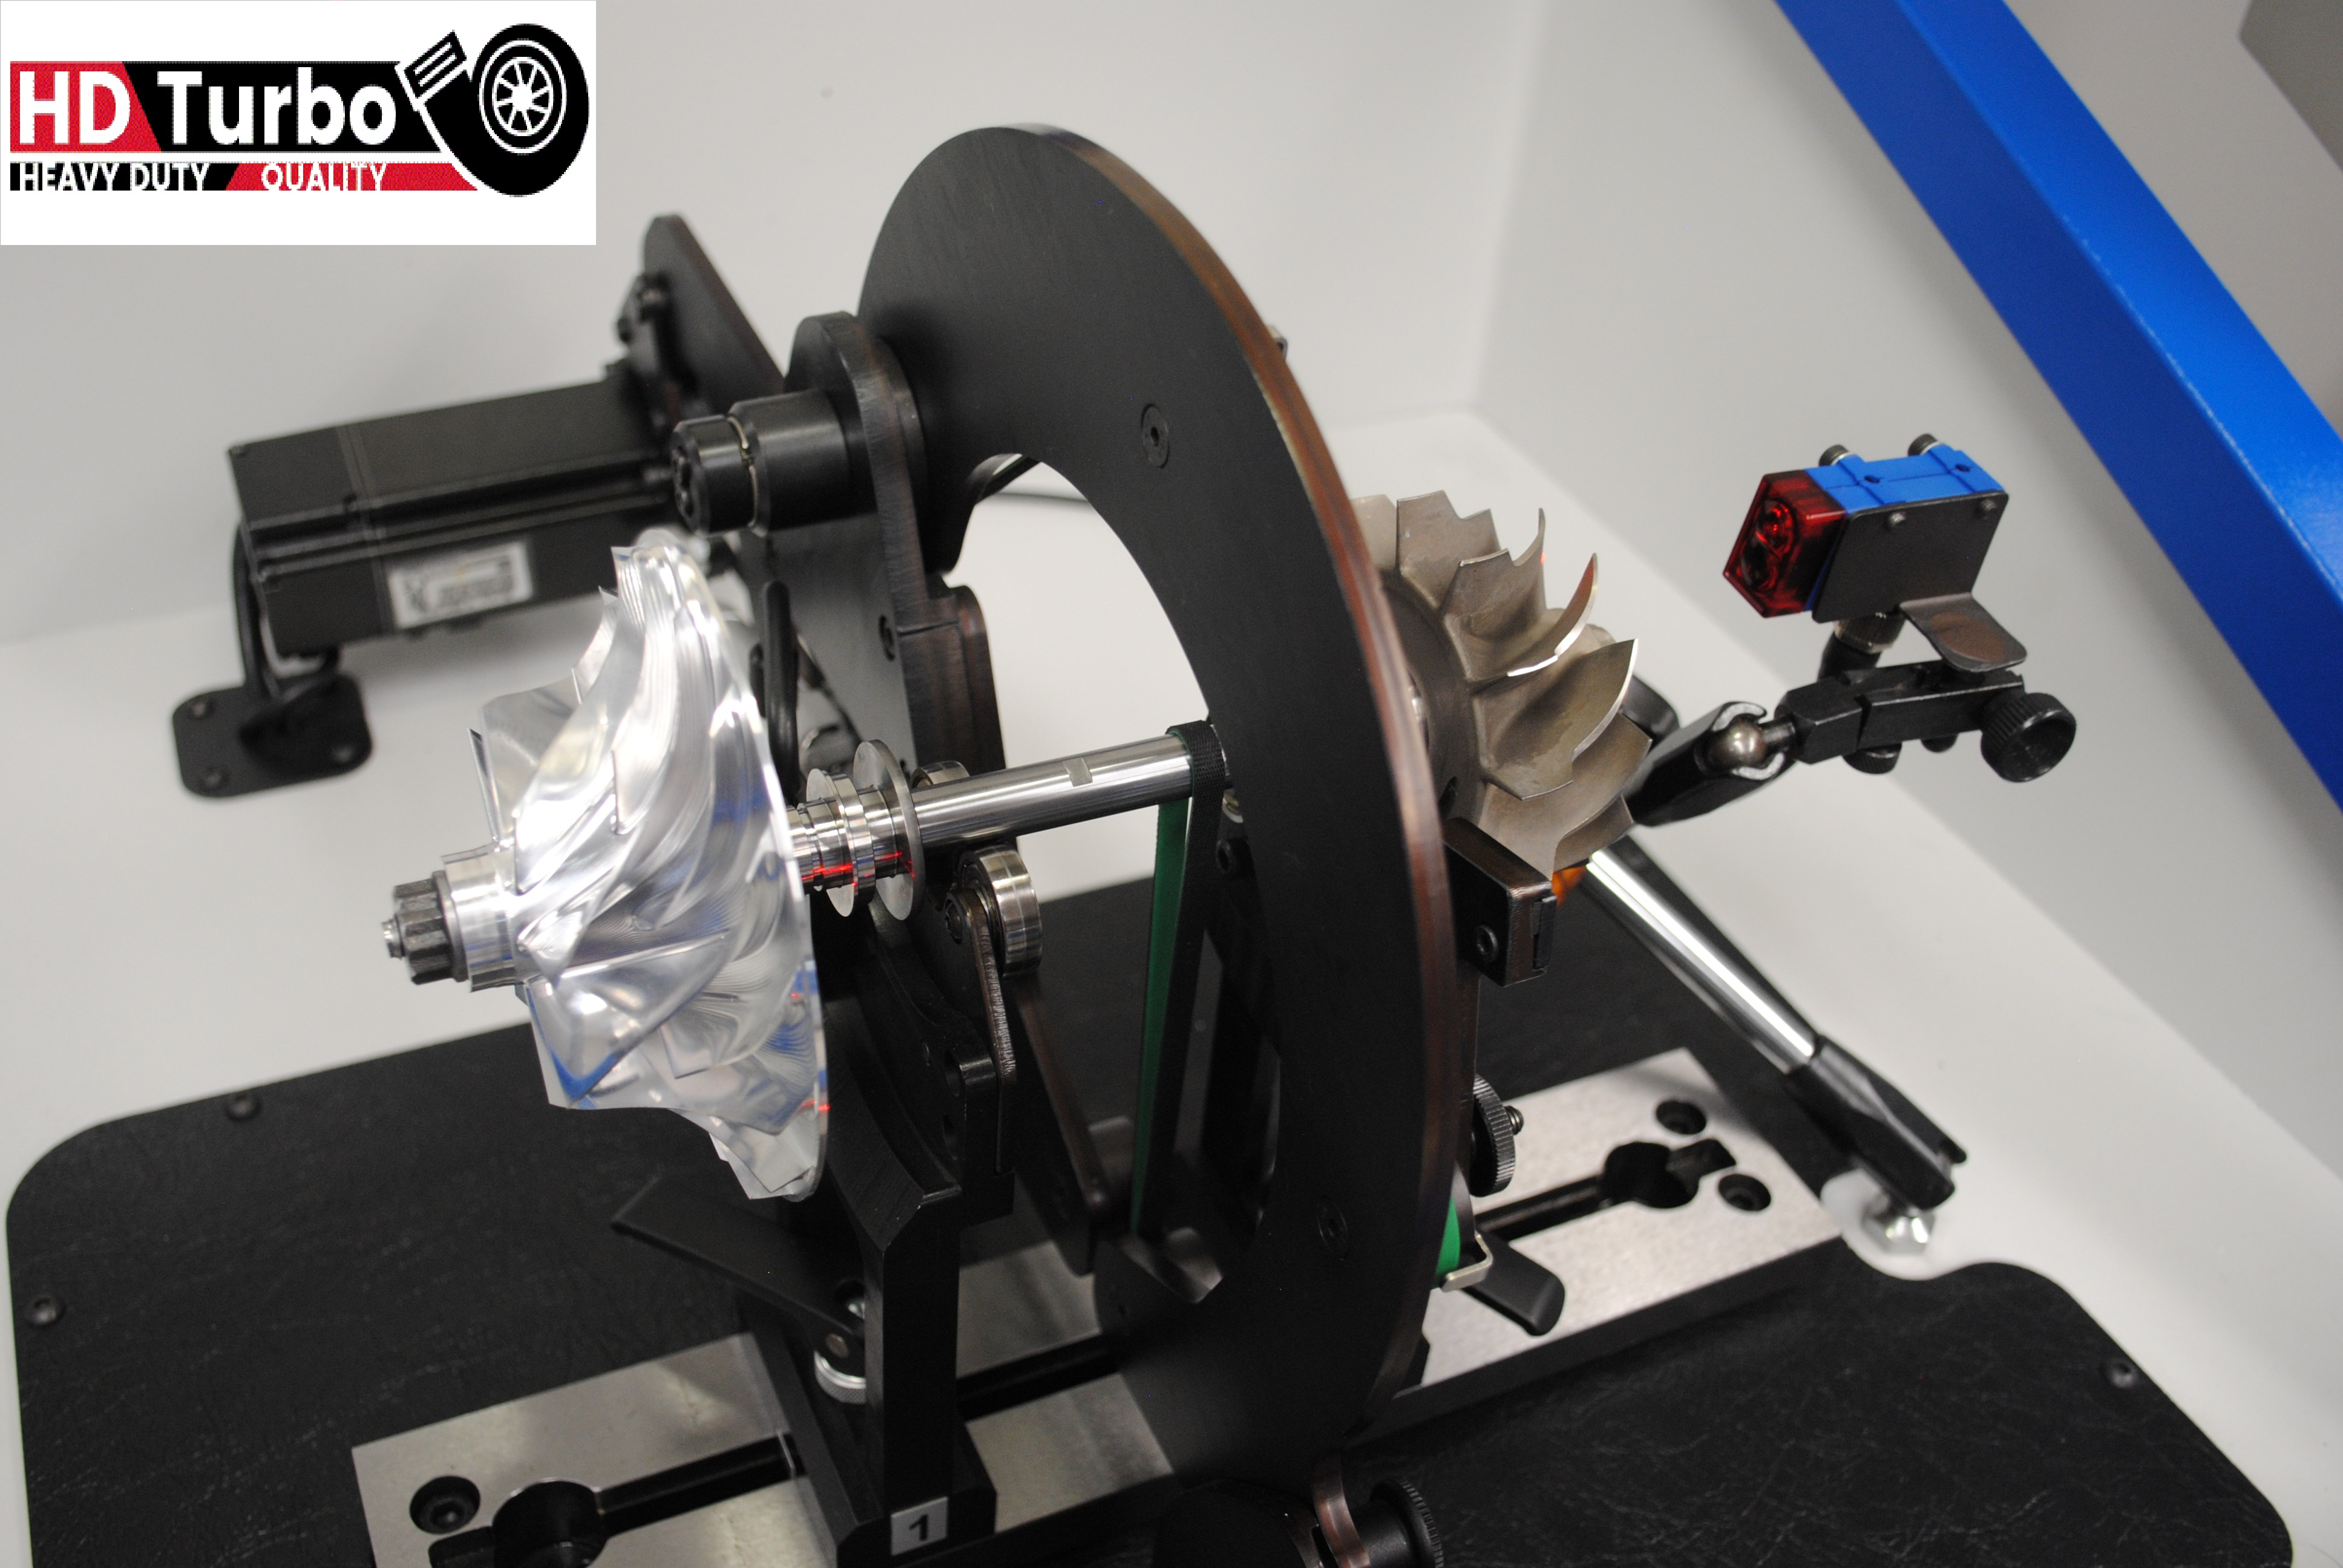 Standard Size Turbo Rebuild kit for CUMMINS ISX Holset Turbo HE551V  2881993RX with billet compressor wheel